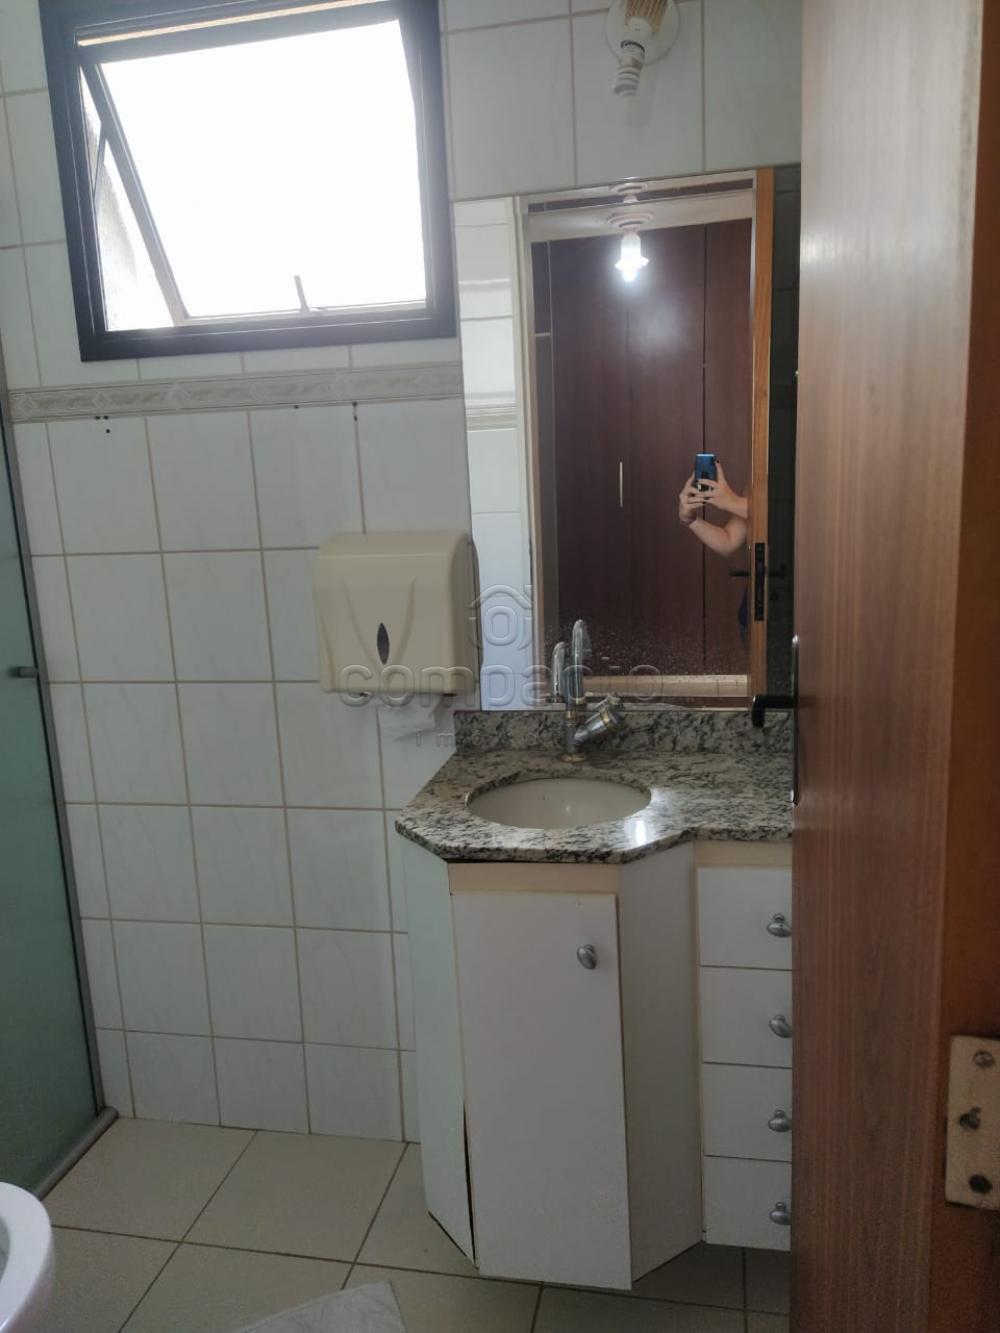 Comprar Apartamento / Padrão em São José do Rio Preto apenas R$ 250.000,00 - Foto 19